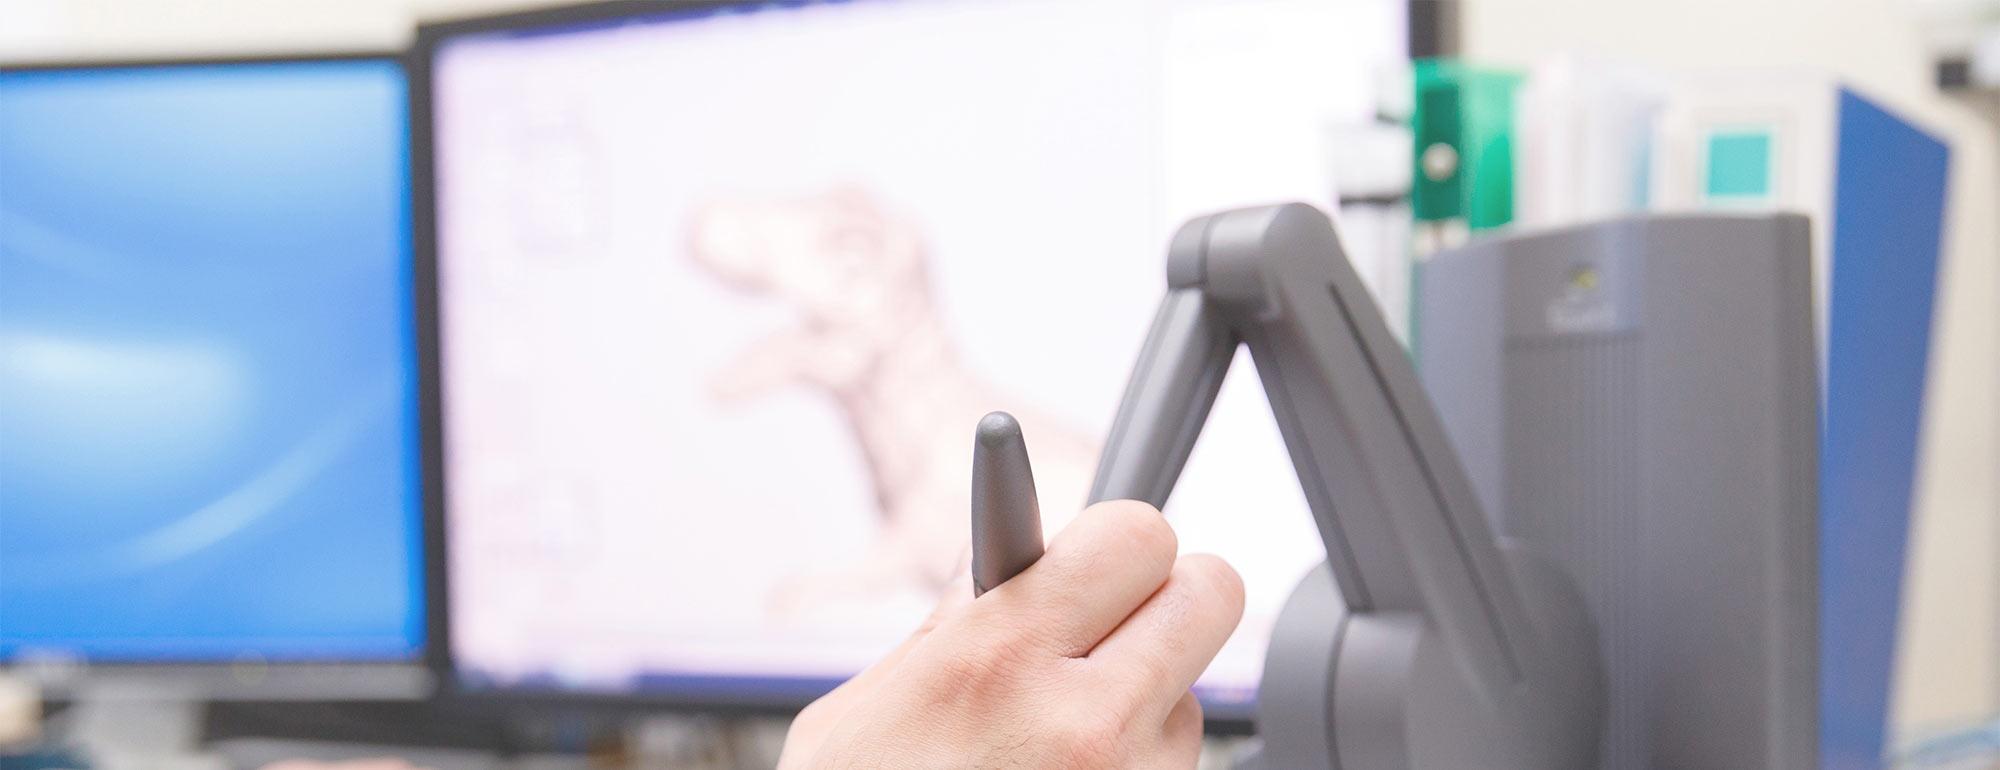 モデリングツールによる3Dモデリング